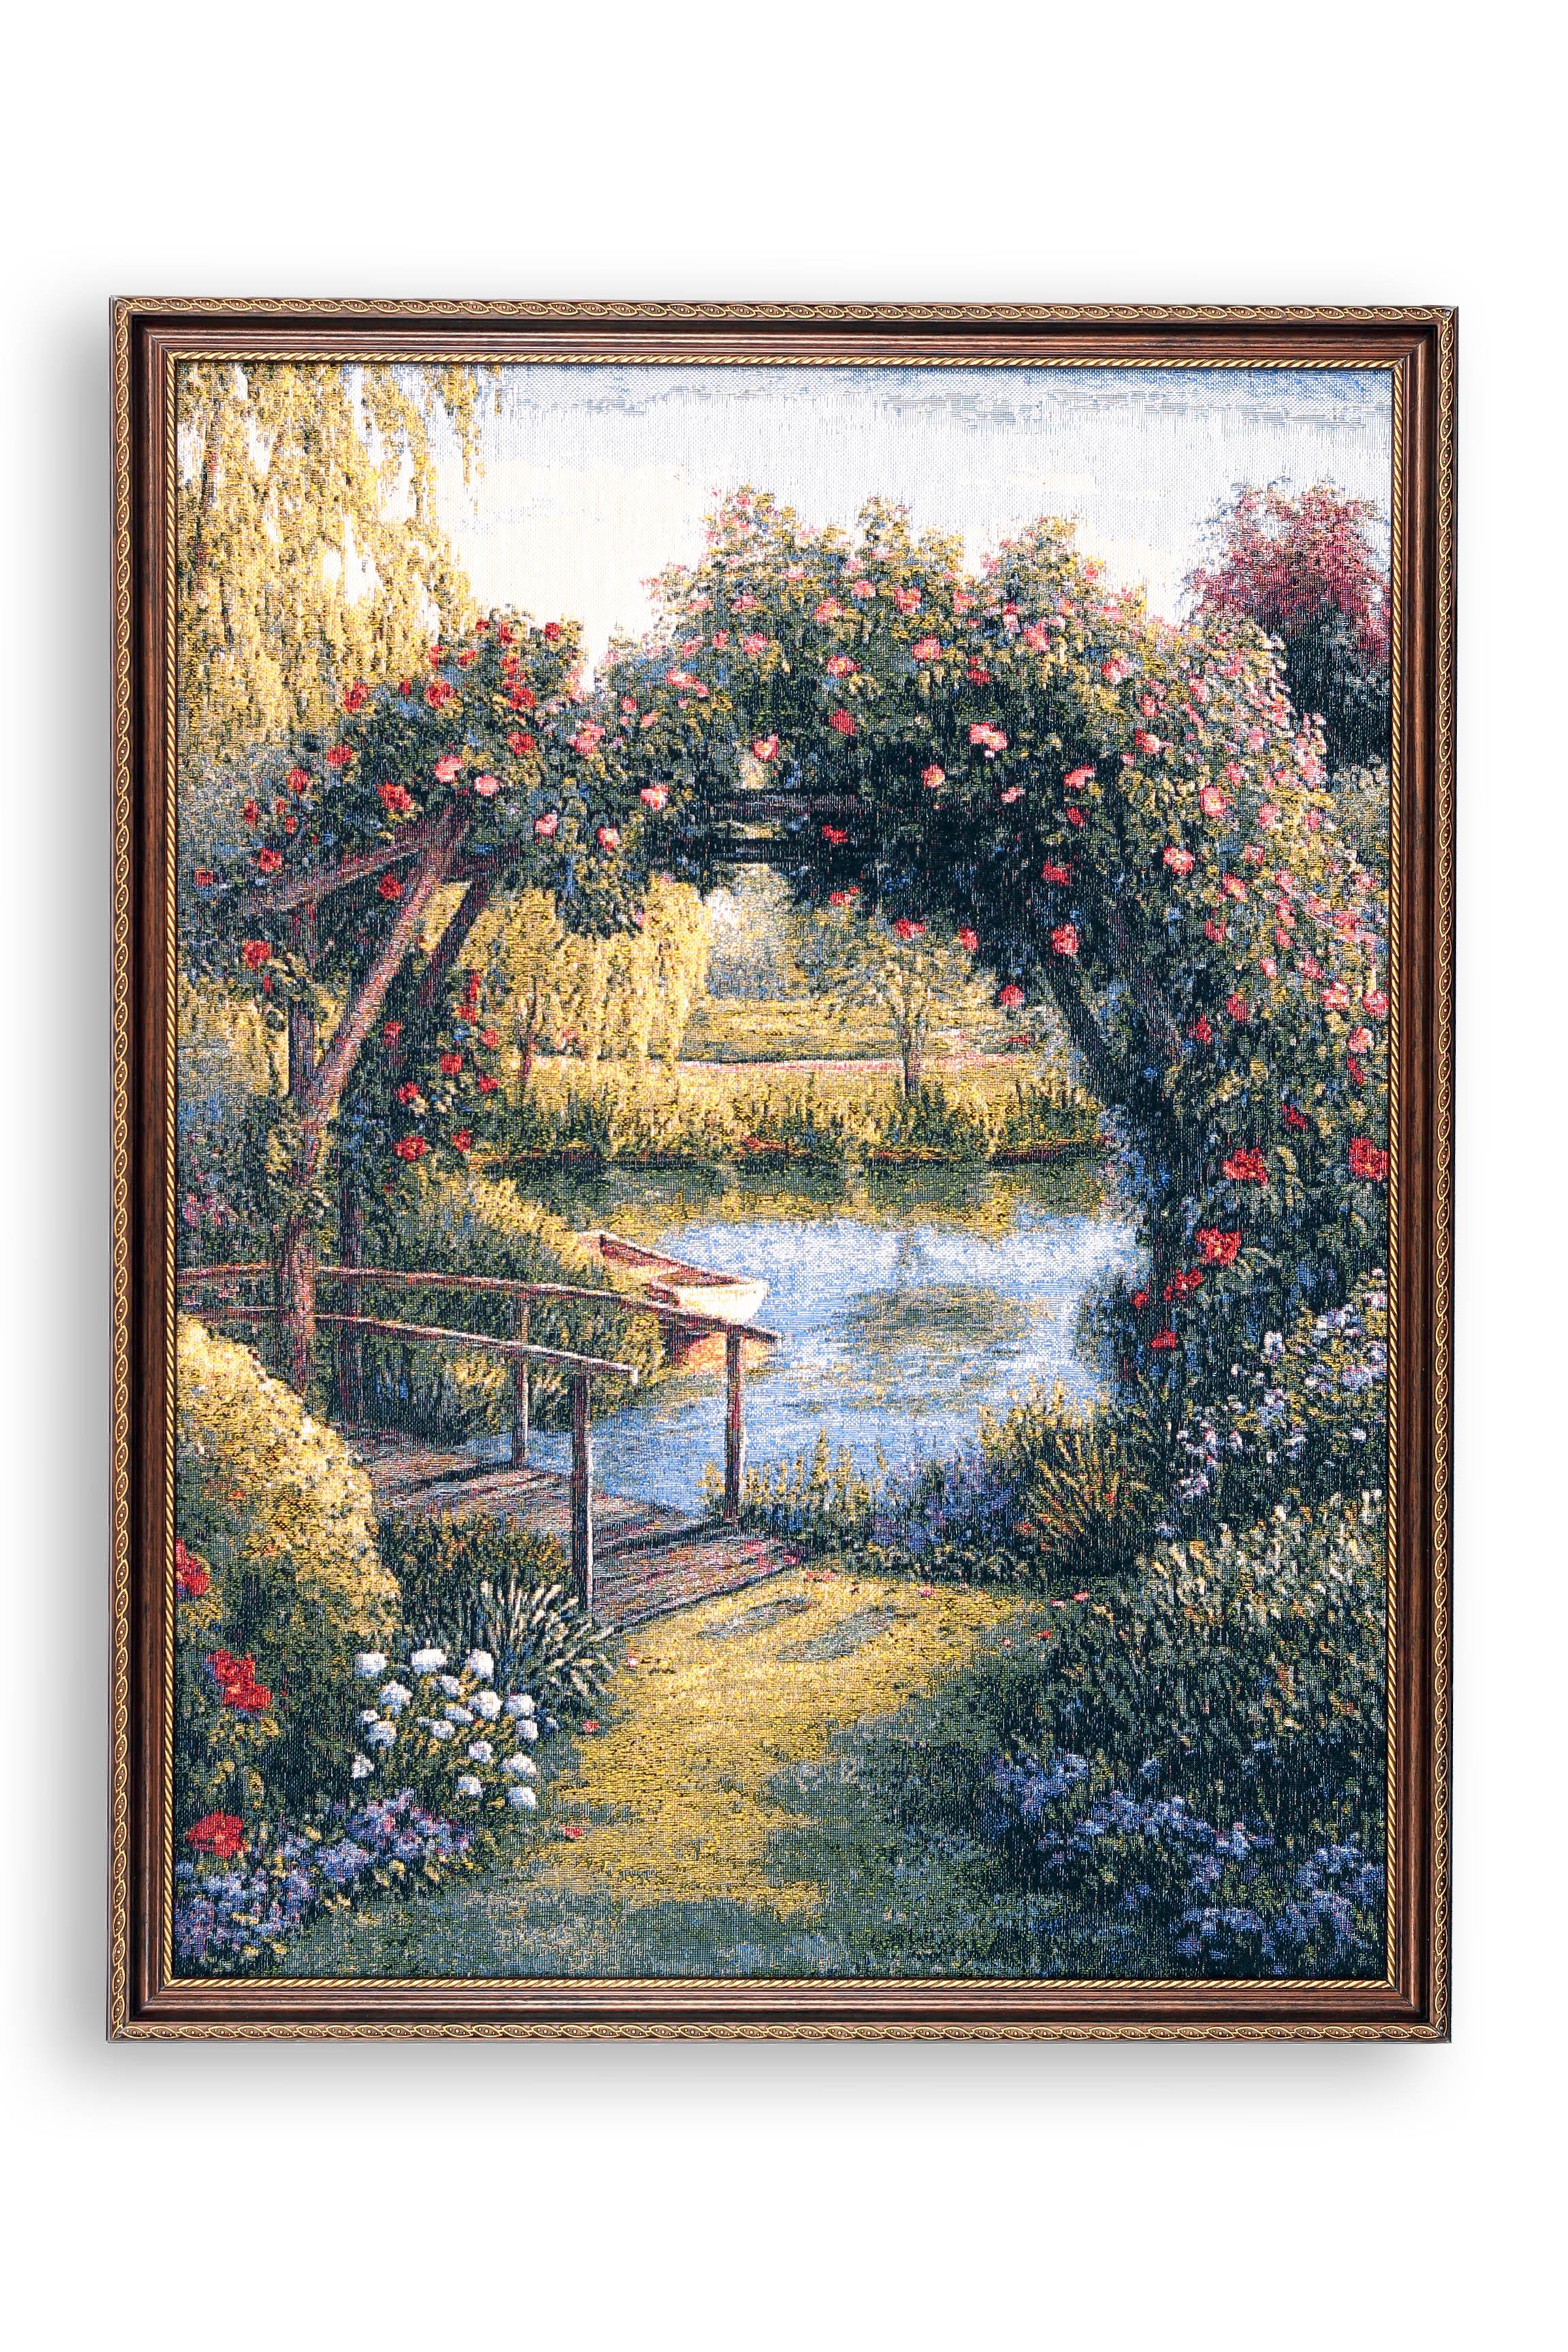 Фото - Картина Магазин гобеленов бережок 53*70см, Гобелен гобелен картина интерьерная магазин гобеленов букет роз бордюр 65 на 85 см